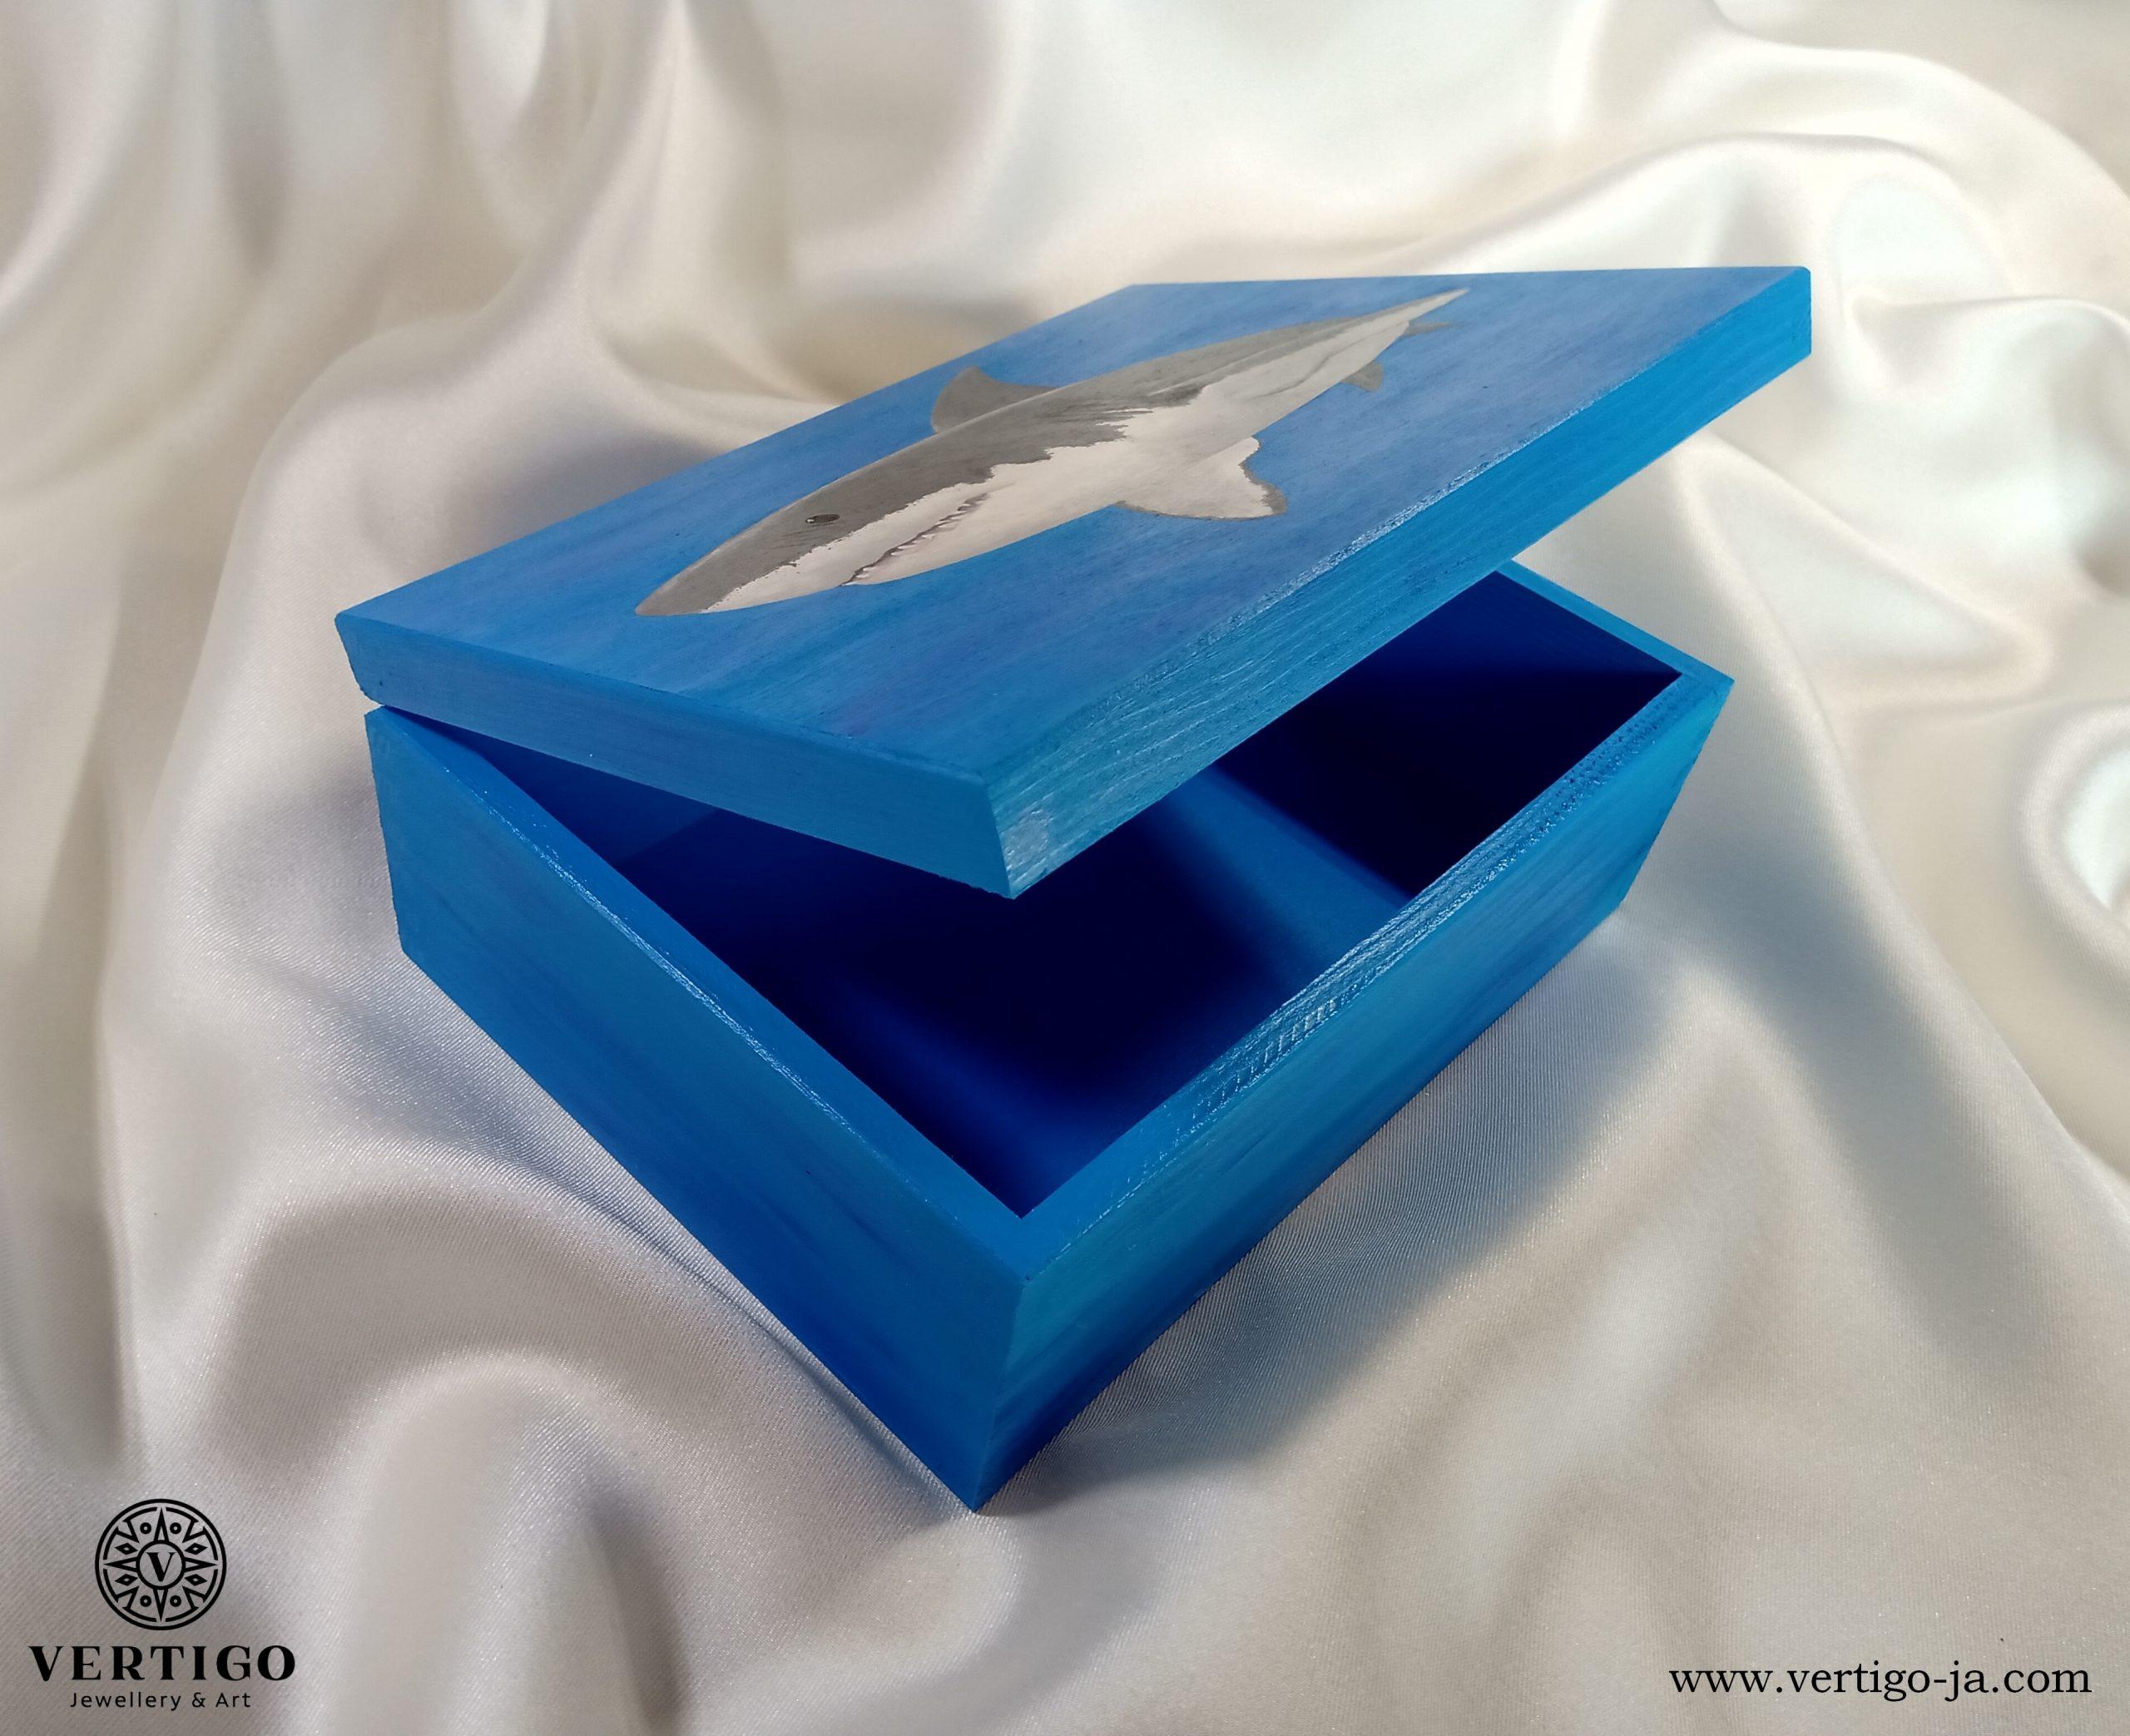 Niebieski środek pudełka z rekinem żarłaczem białym